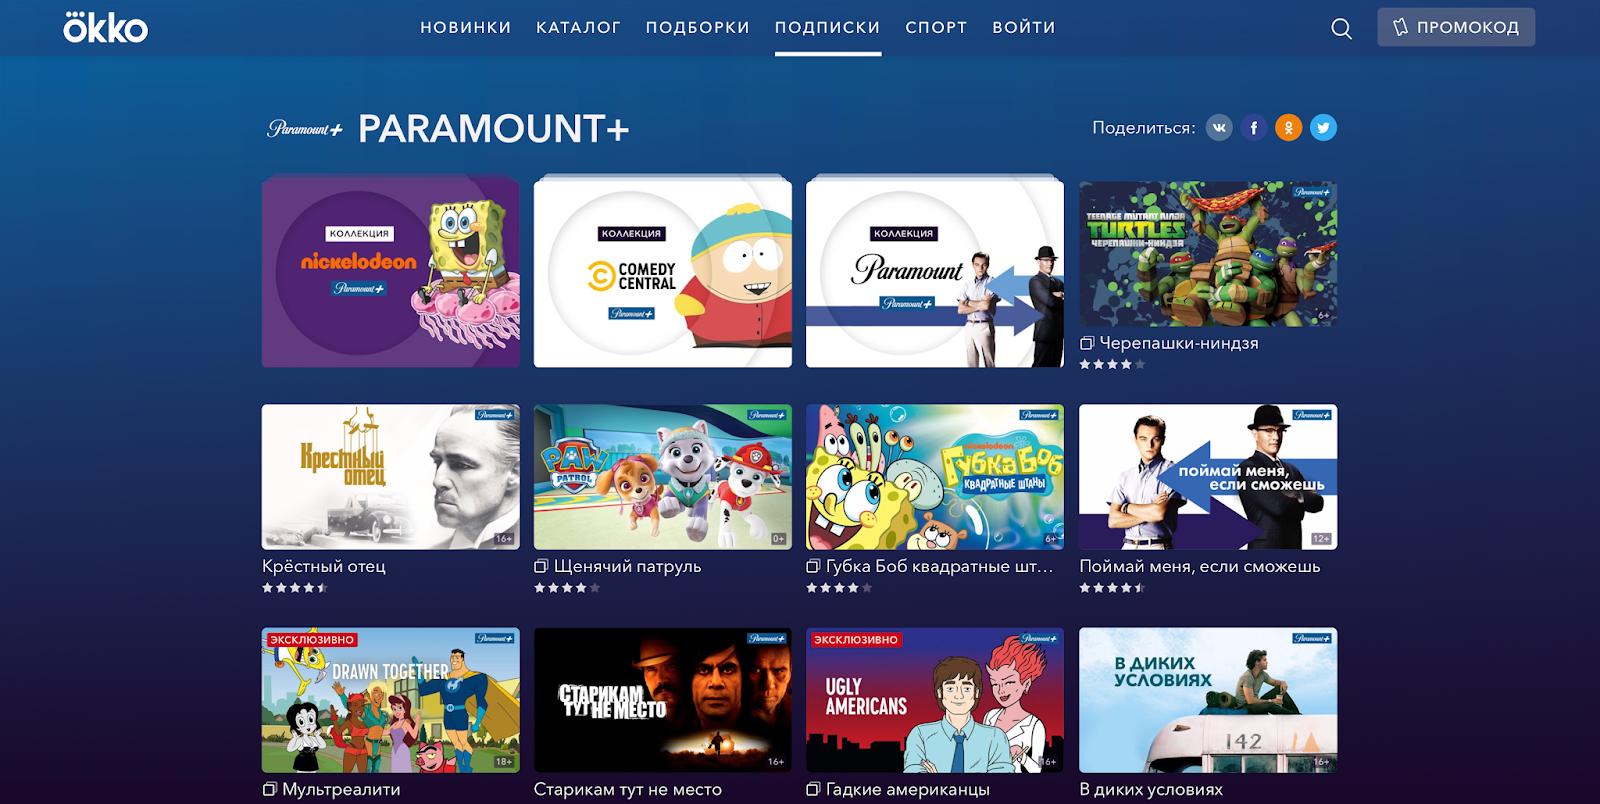 Paramount deberá enfrentar una seria competencia on el resto de las empresas de streaming de video